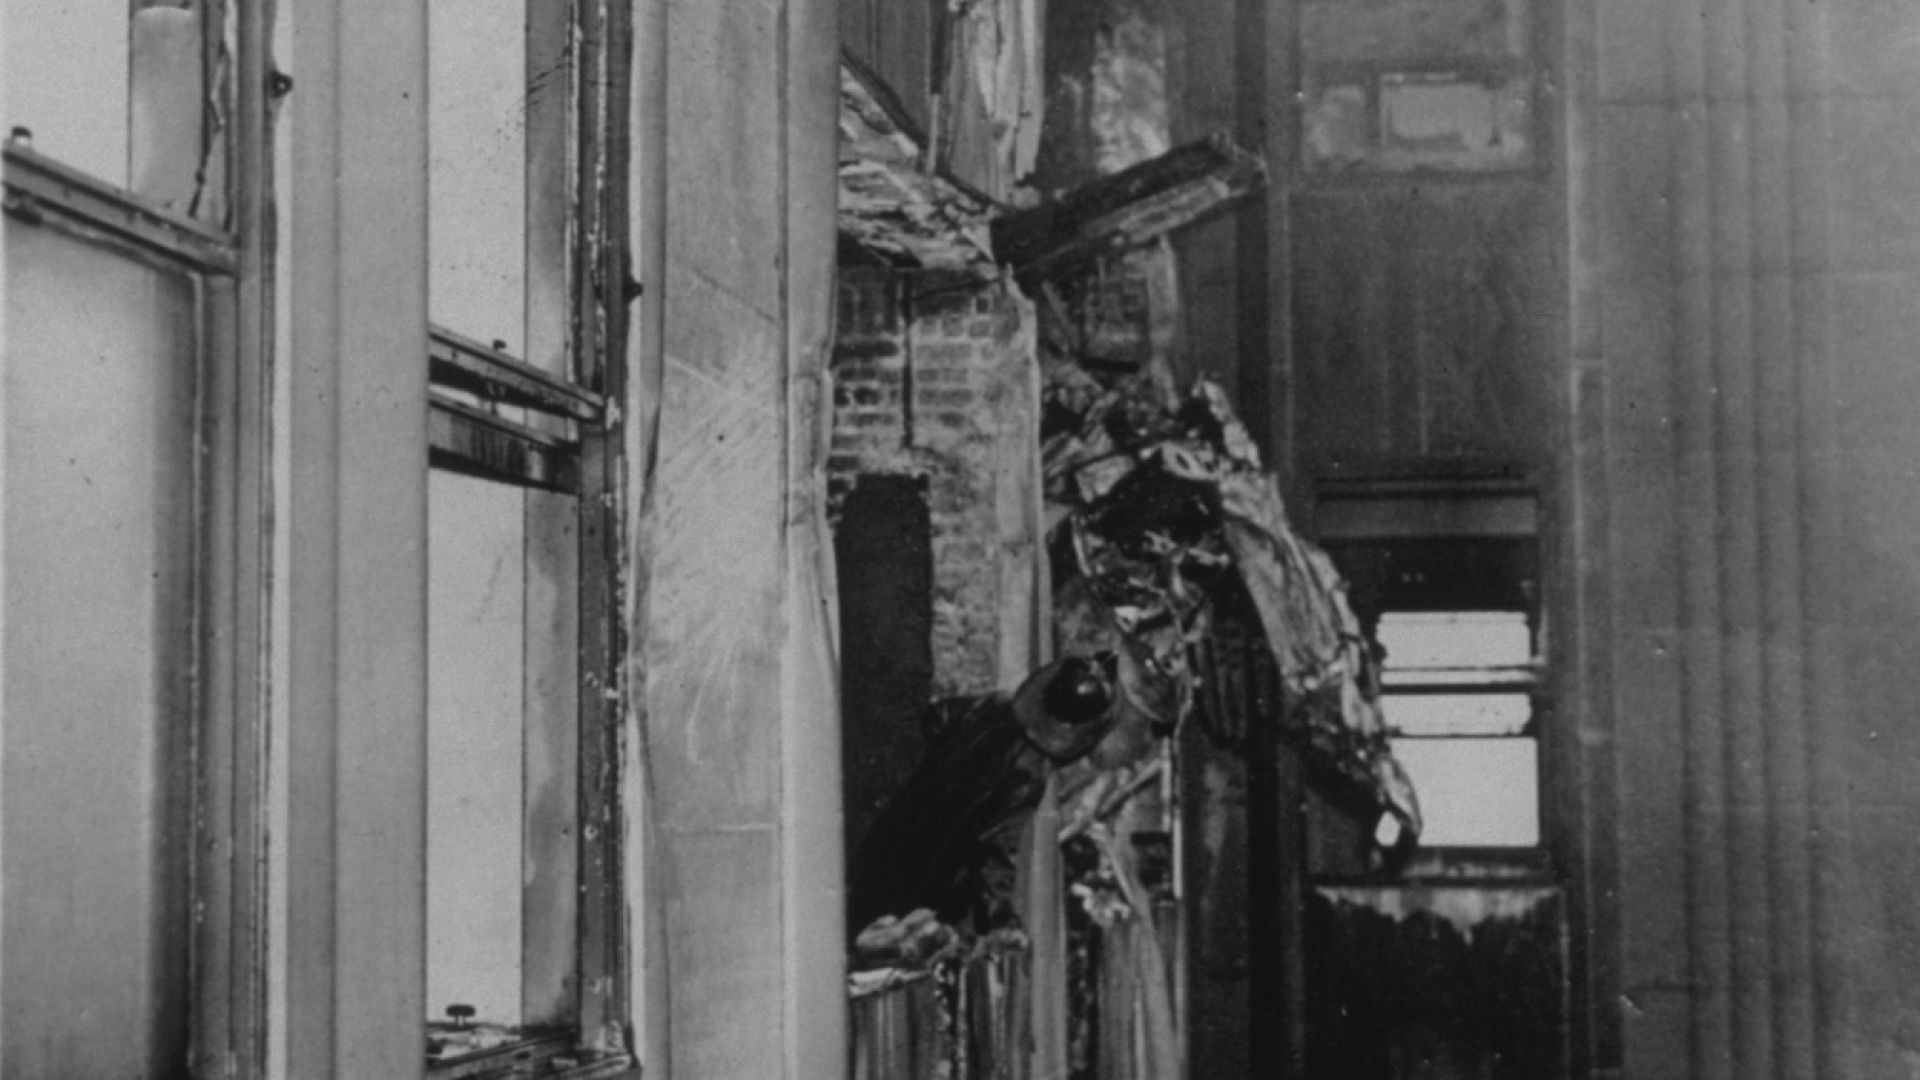 56 г. преди атаките на 11 септември - самолет се забива в Емпайър стейт билдинг